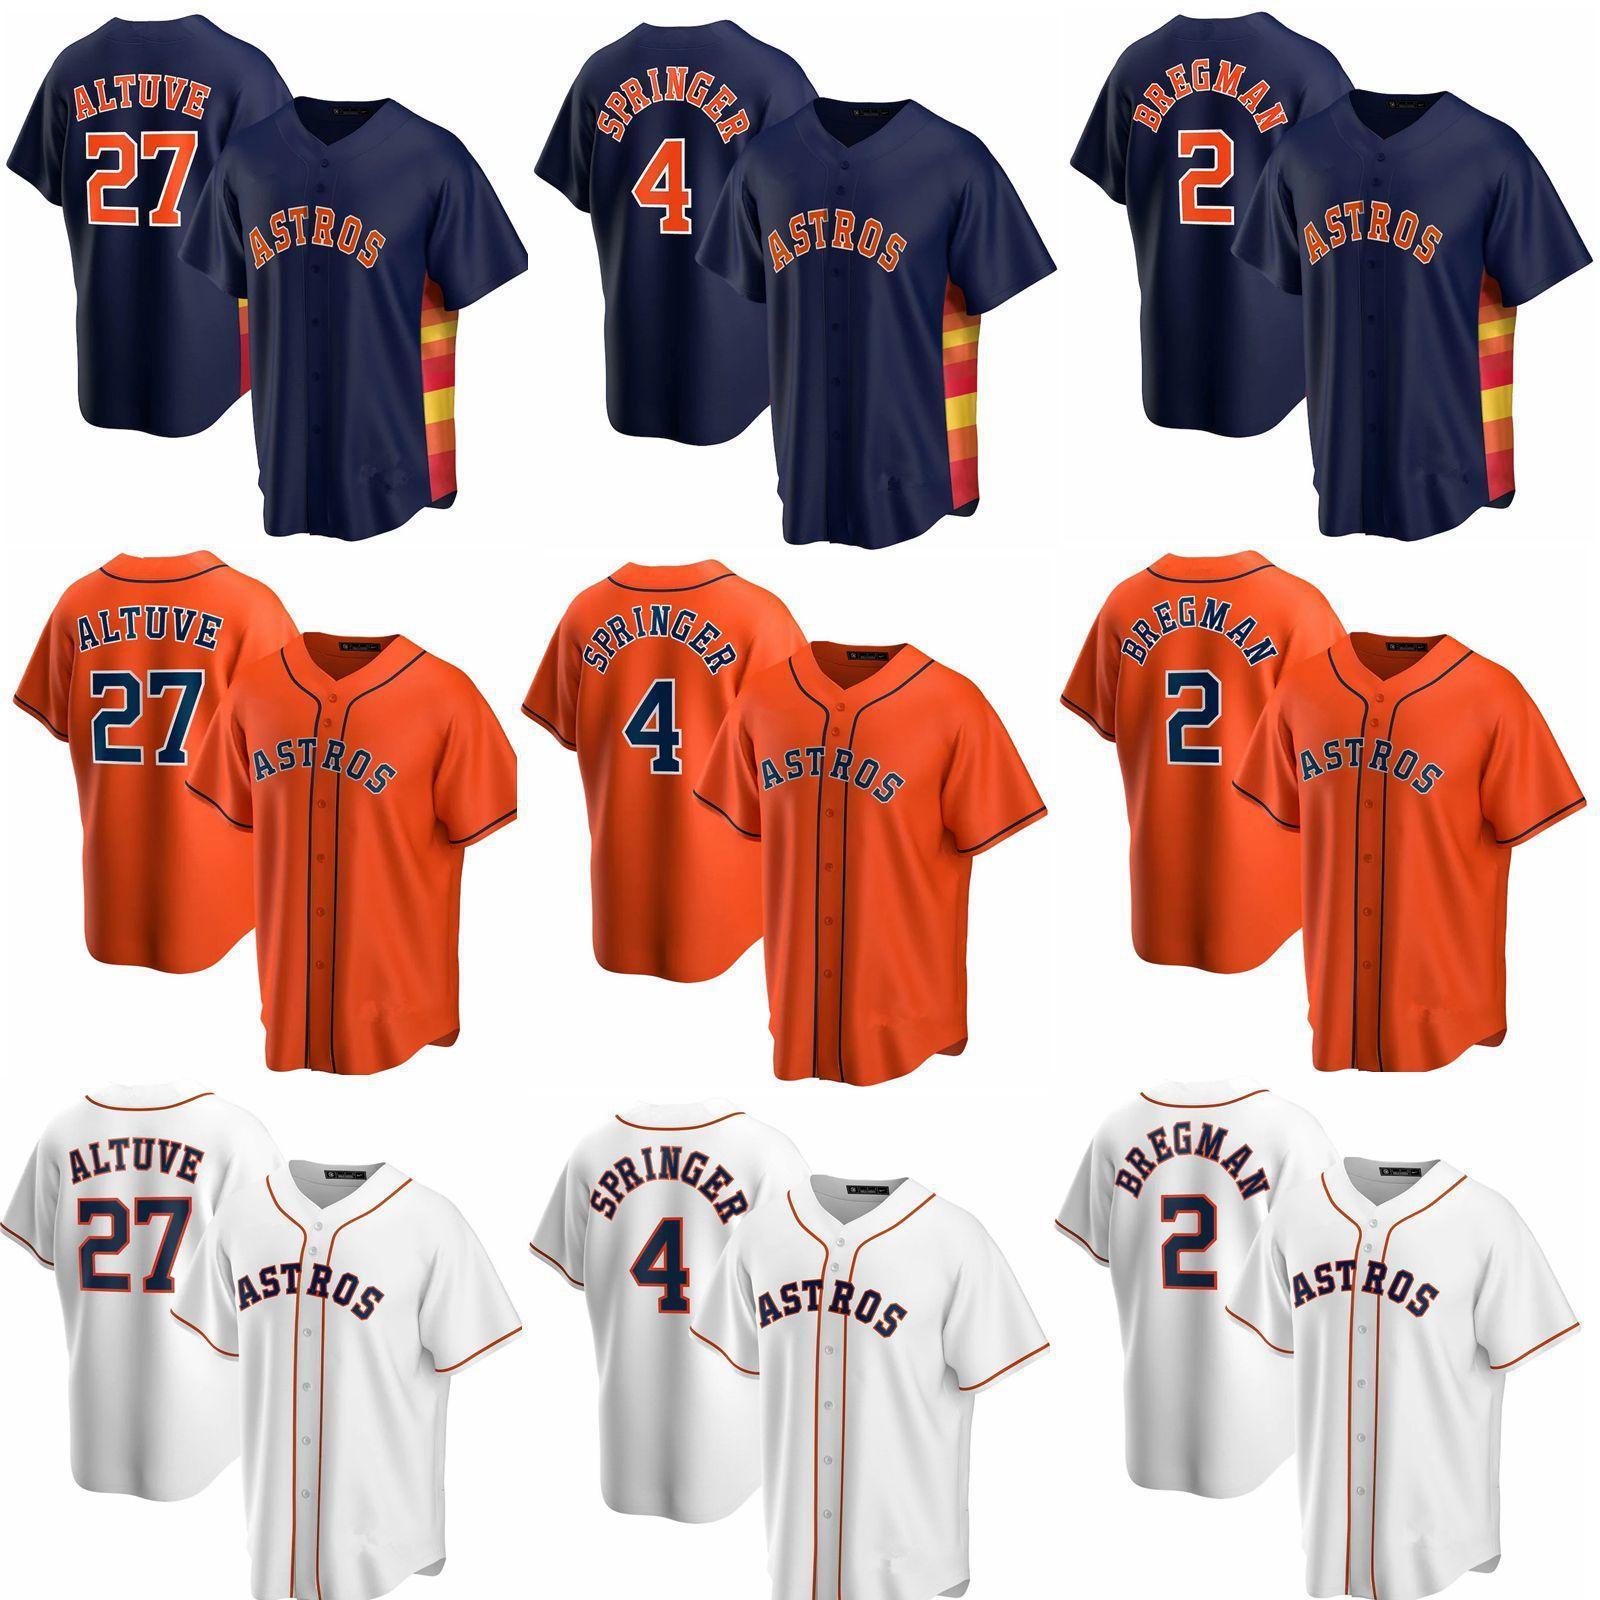 Personalizado 27 Jose Altuve Alex Bregman Homens Mulheres Crianças 2020 Nova Replica Autêntica Houston 4 George Springer Astro # Bordado Jerseys Beisebol